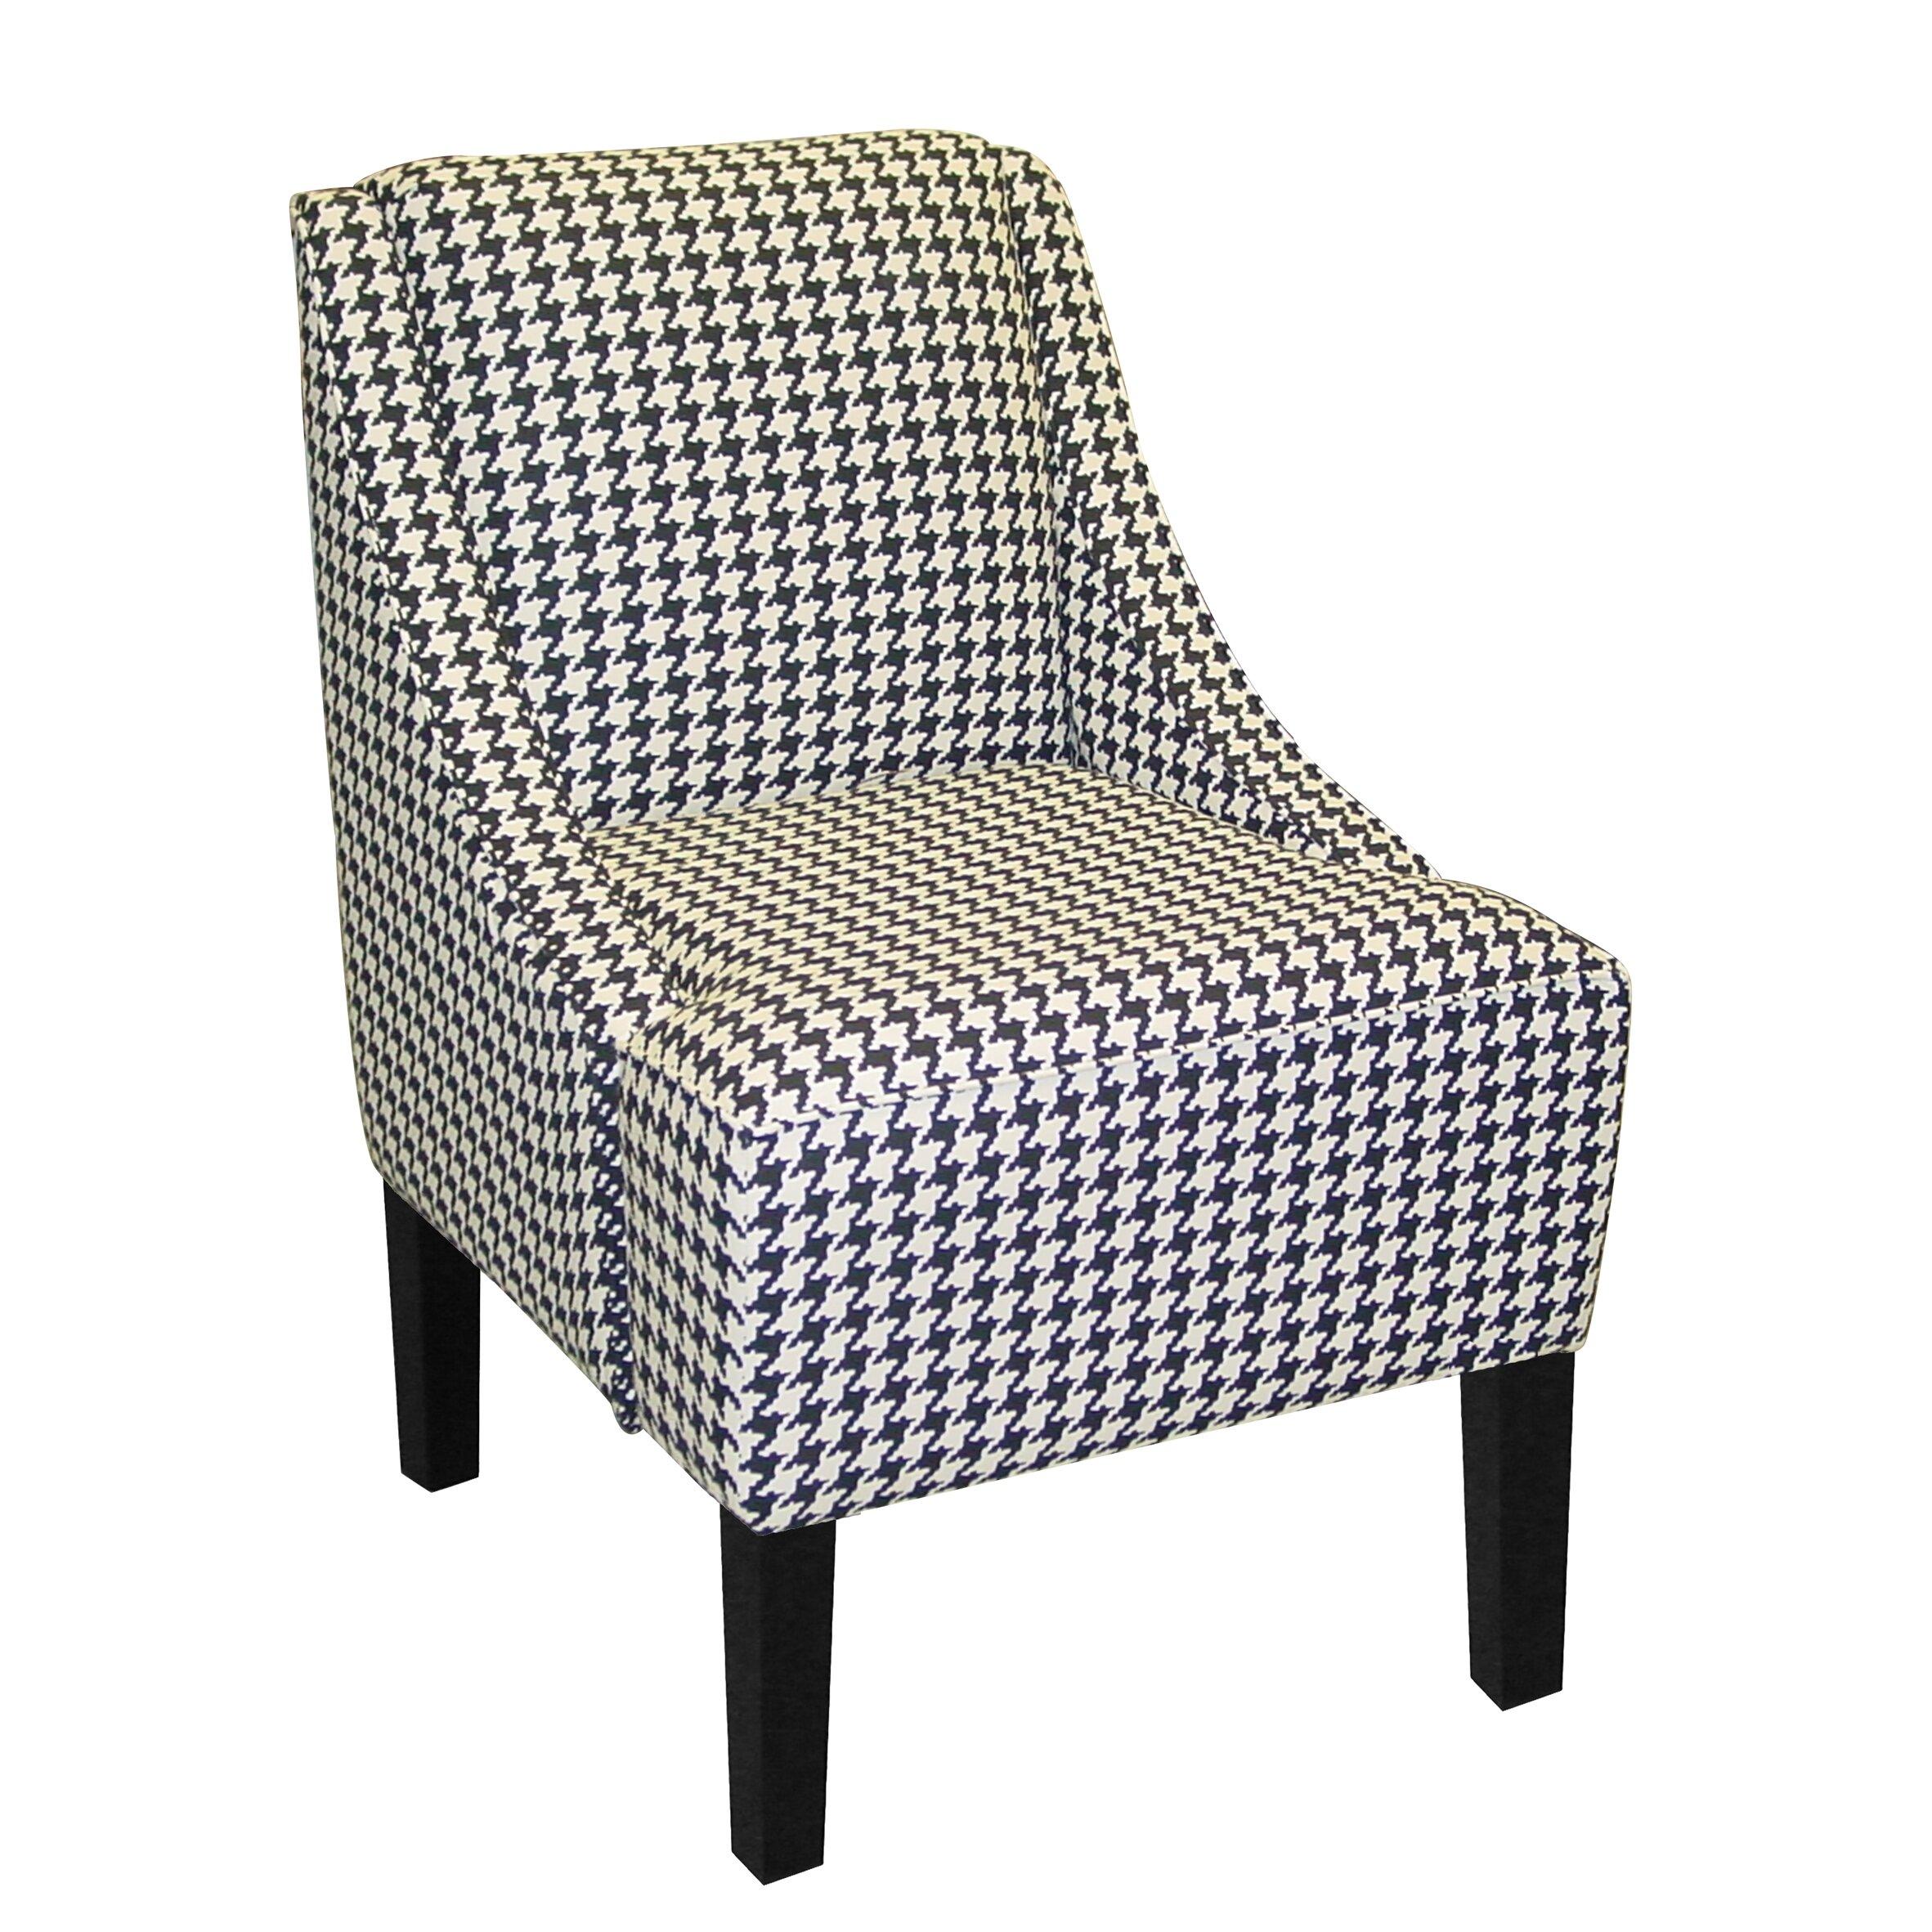 Skyline furniture swoop berne arm chair reviews wayfair